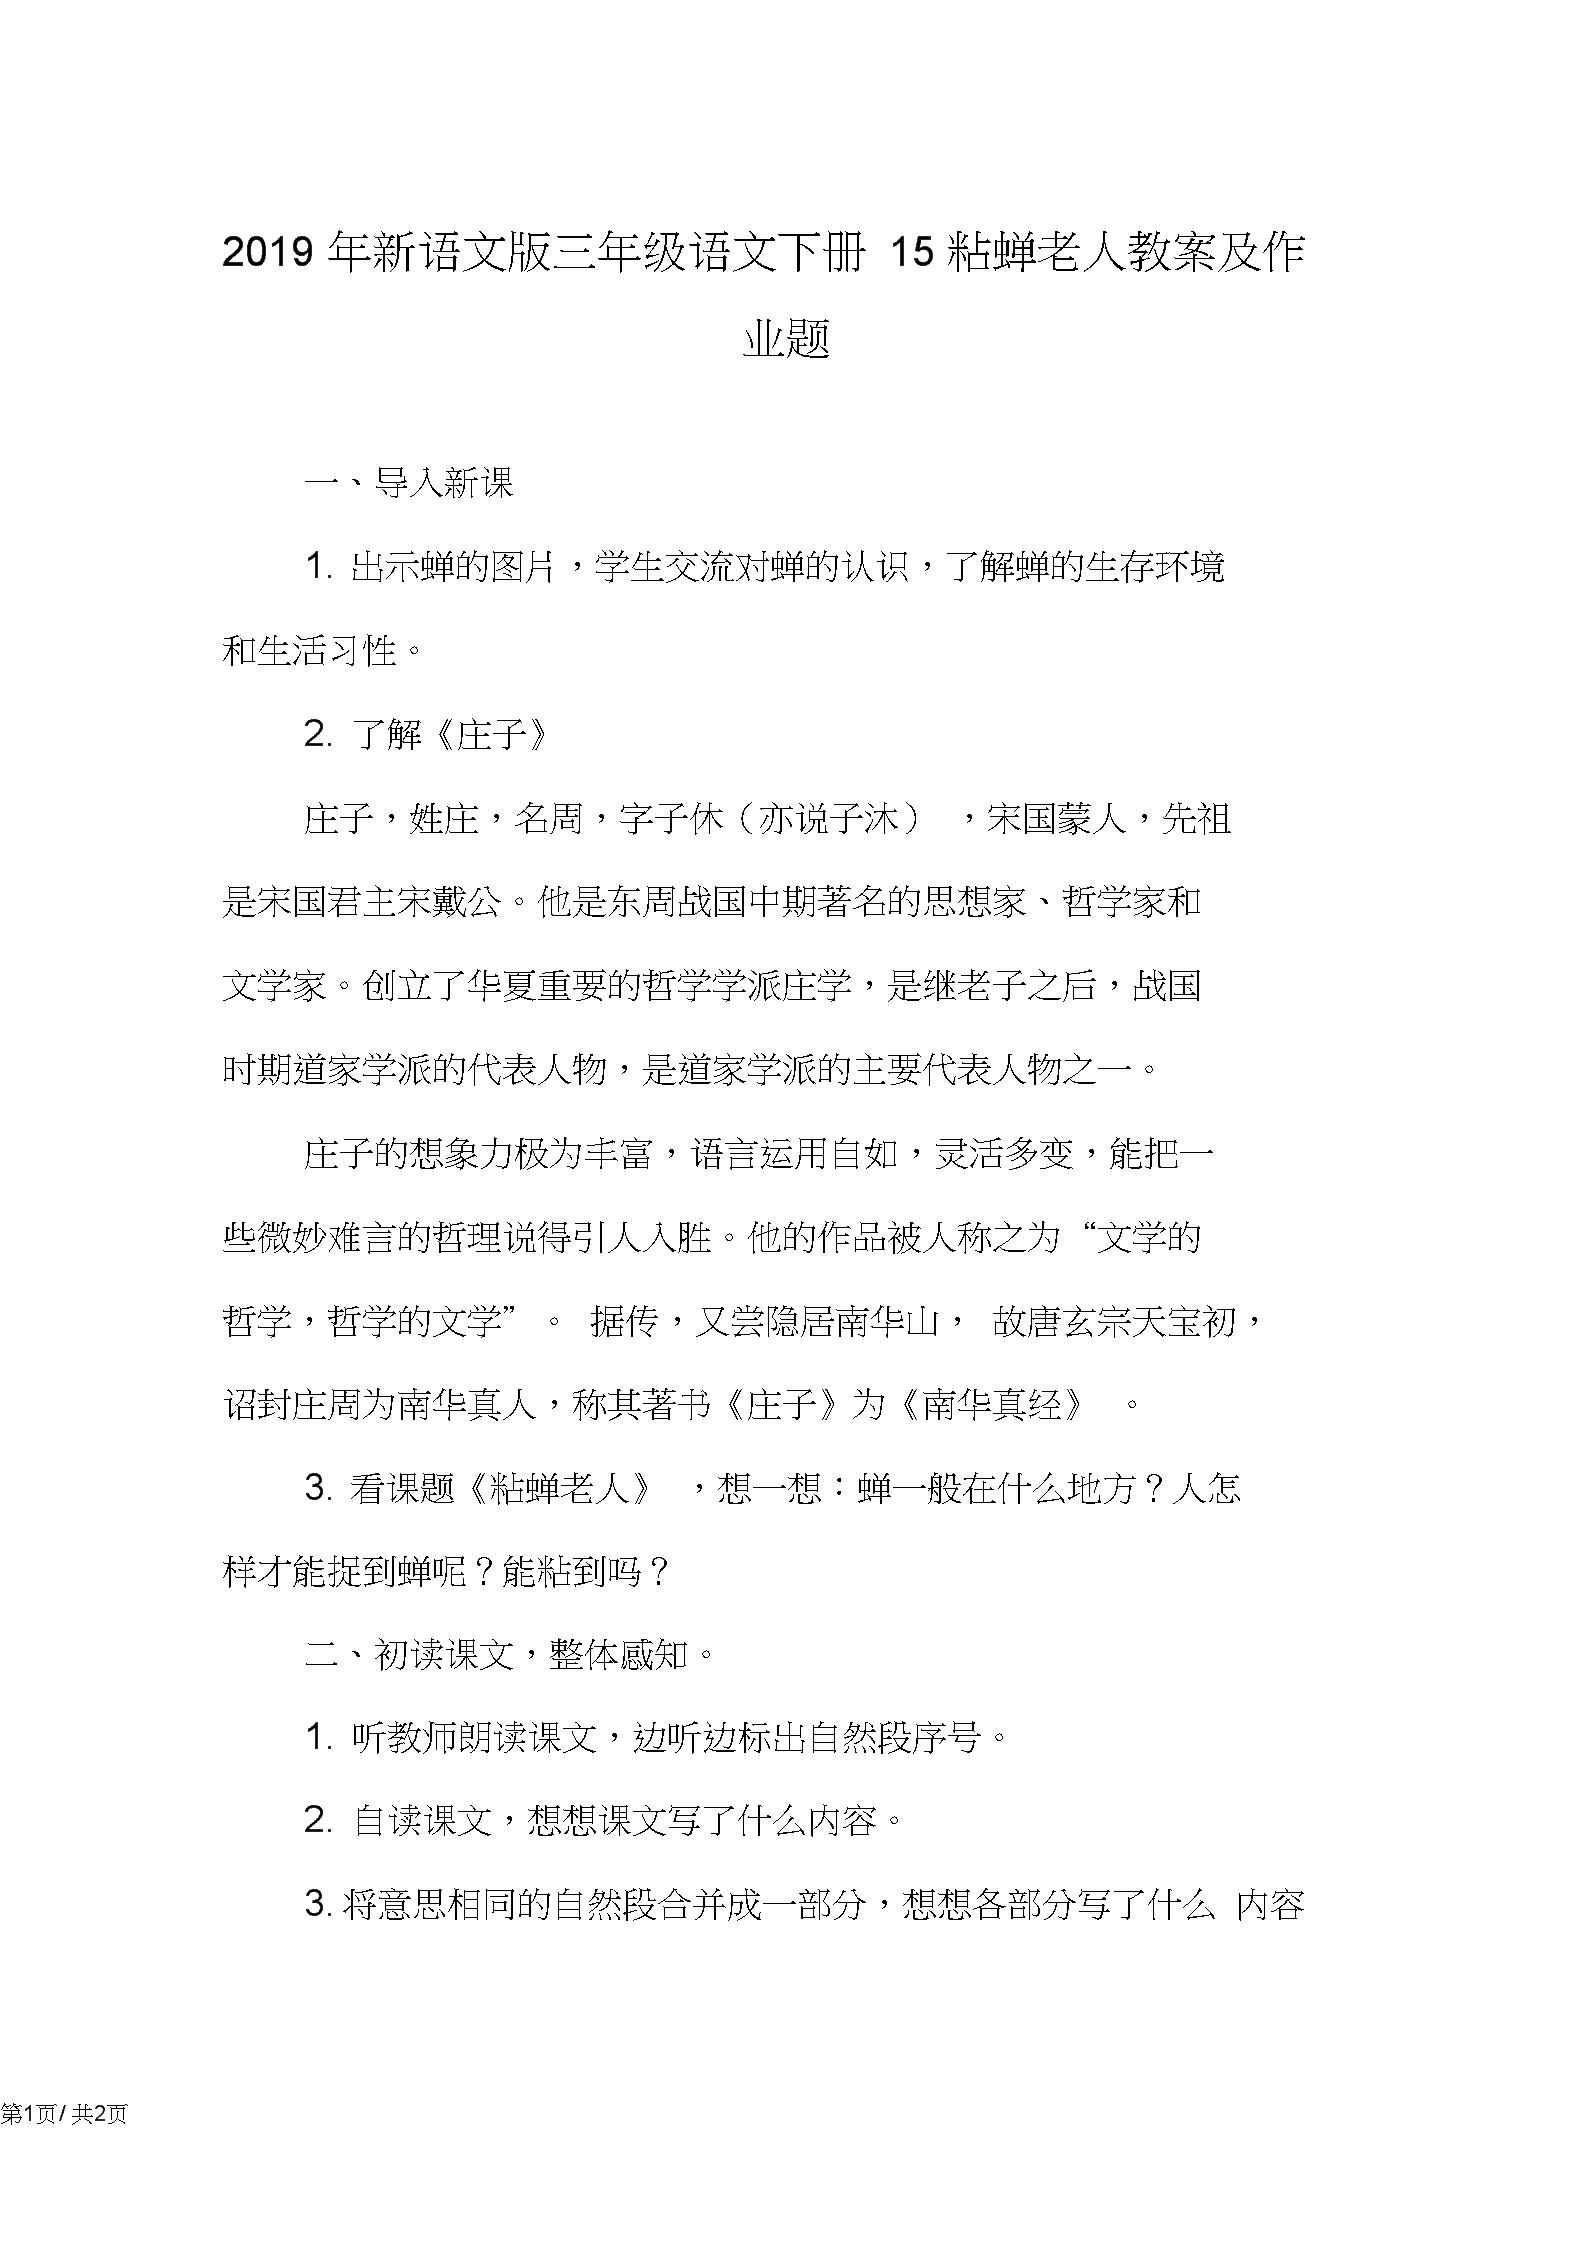 2019年新语文版三年级语文下册15粘蝉老人教案及作业题.docx